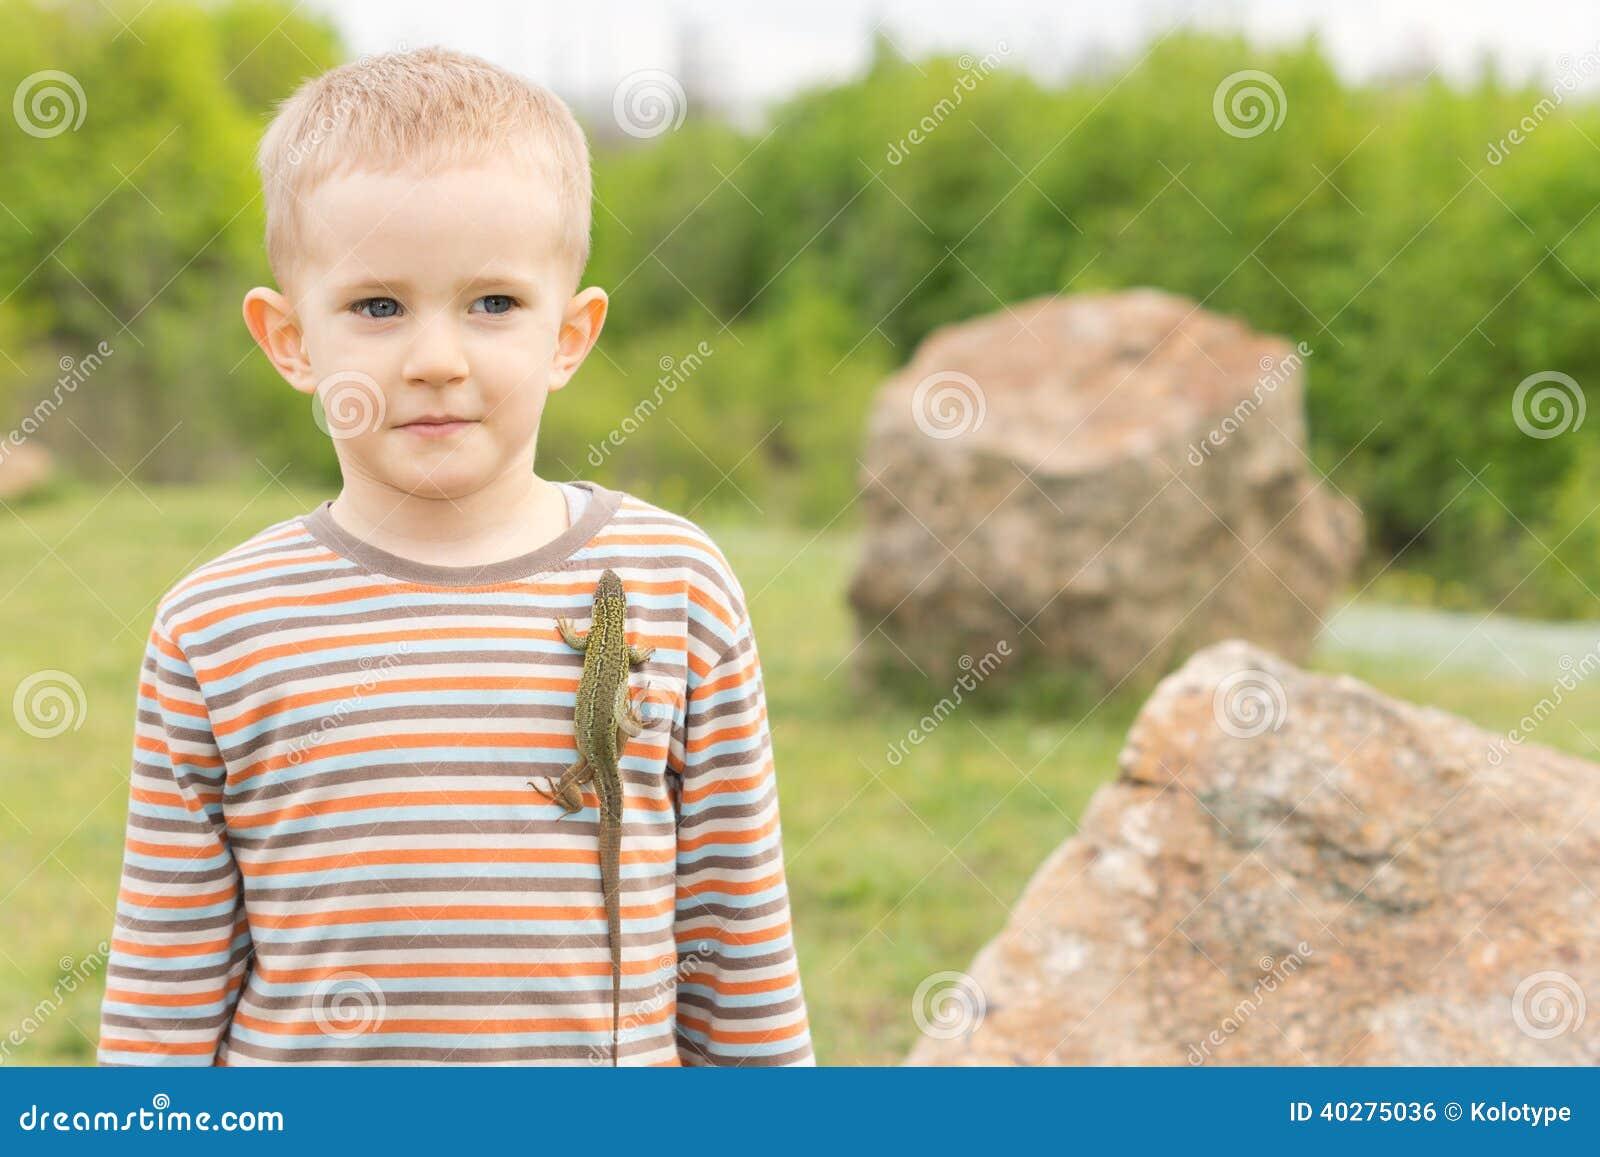 Молодой мальчик позволяющ ящерице вползти на его рубашке